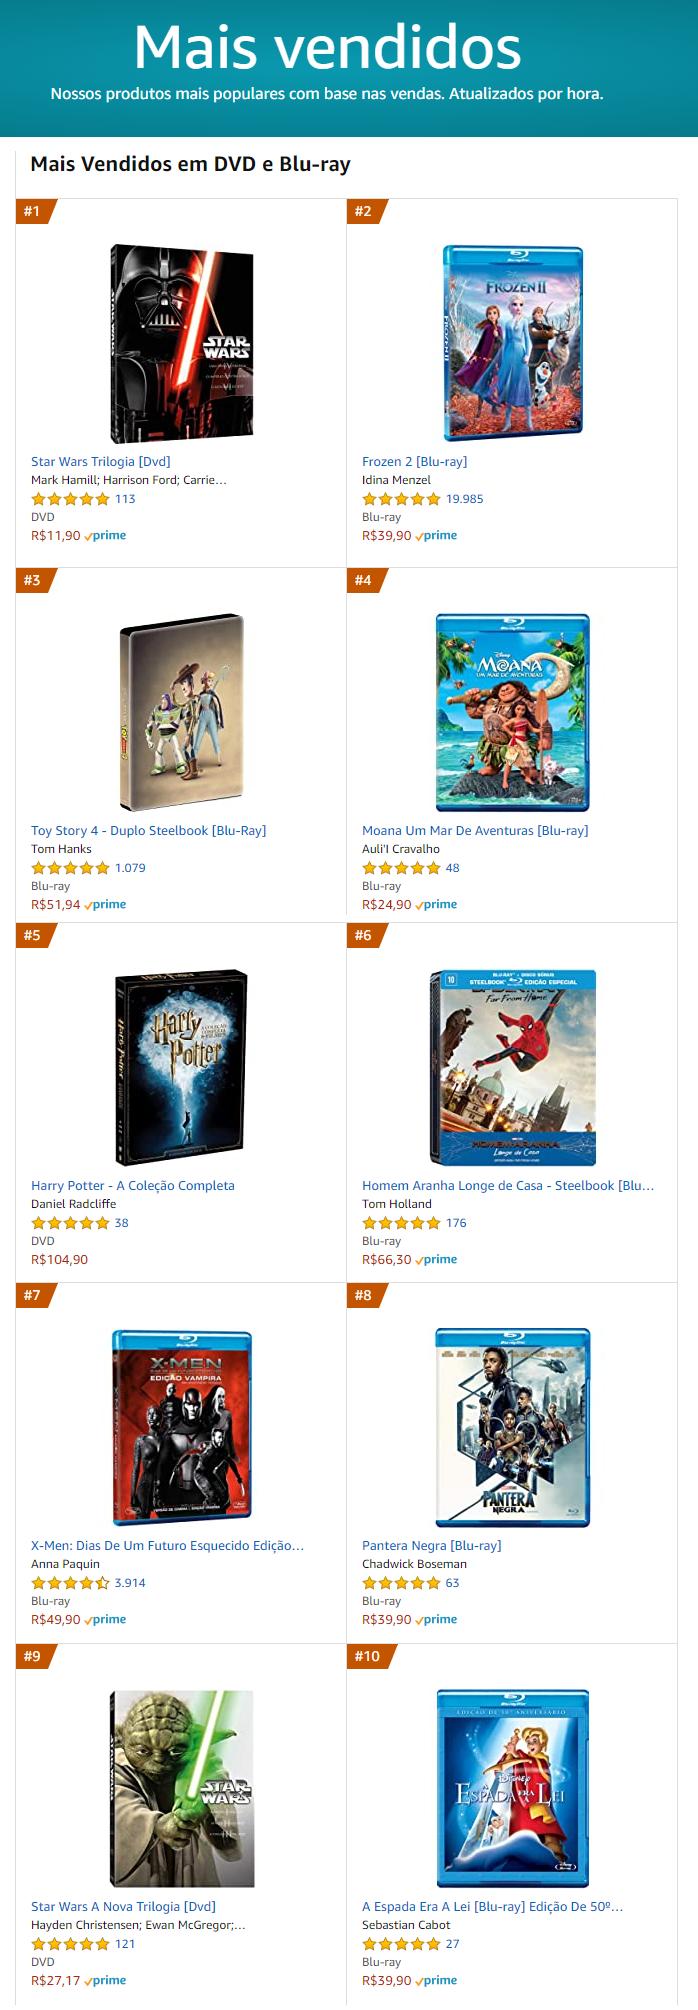 image-12 Contagem regressiva para DVDs e Blu-rays da Disney sumirem das lojas